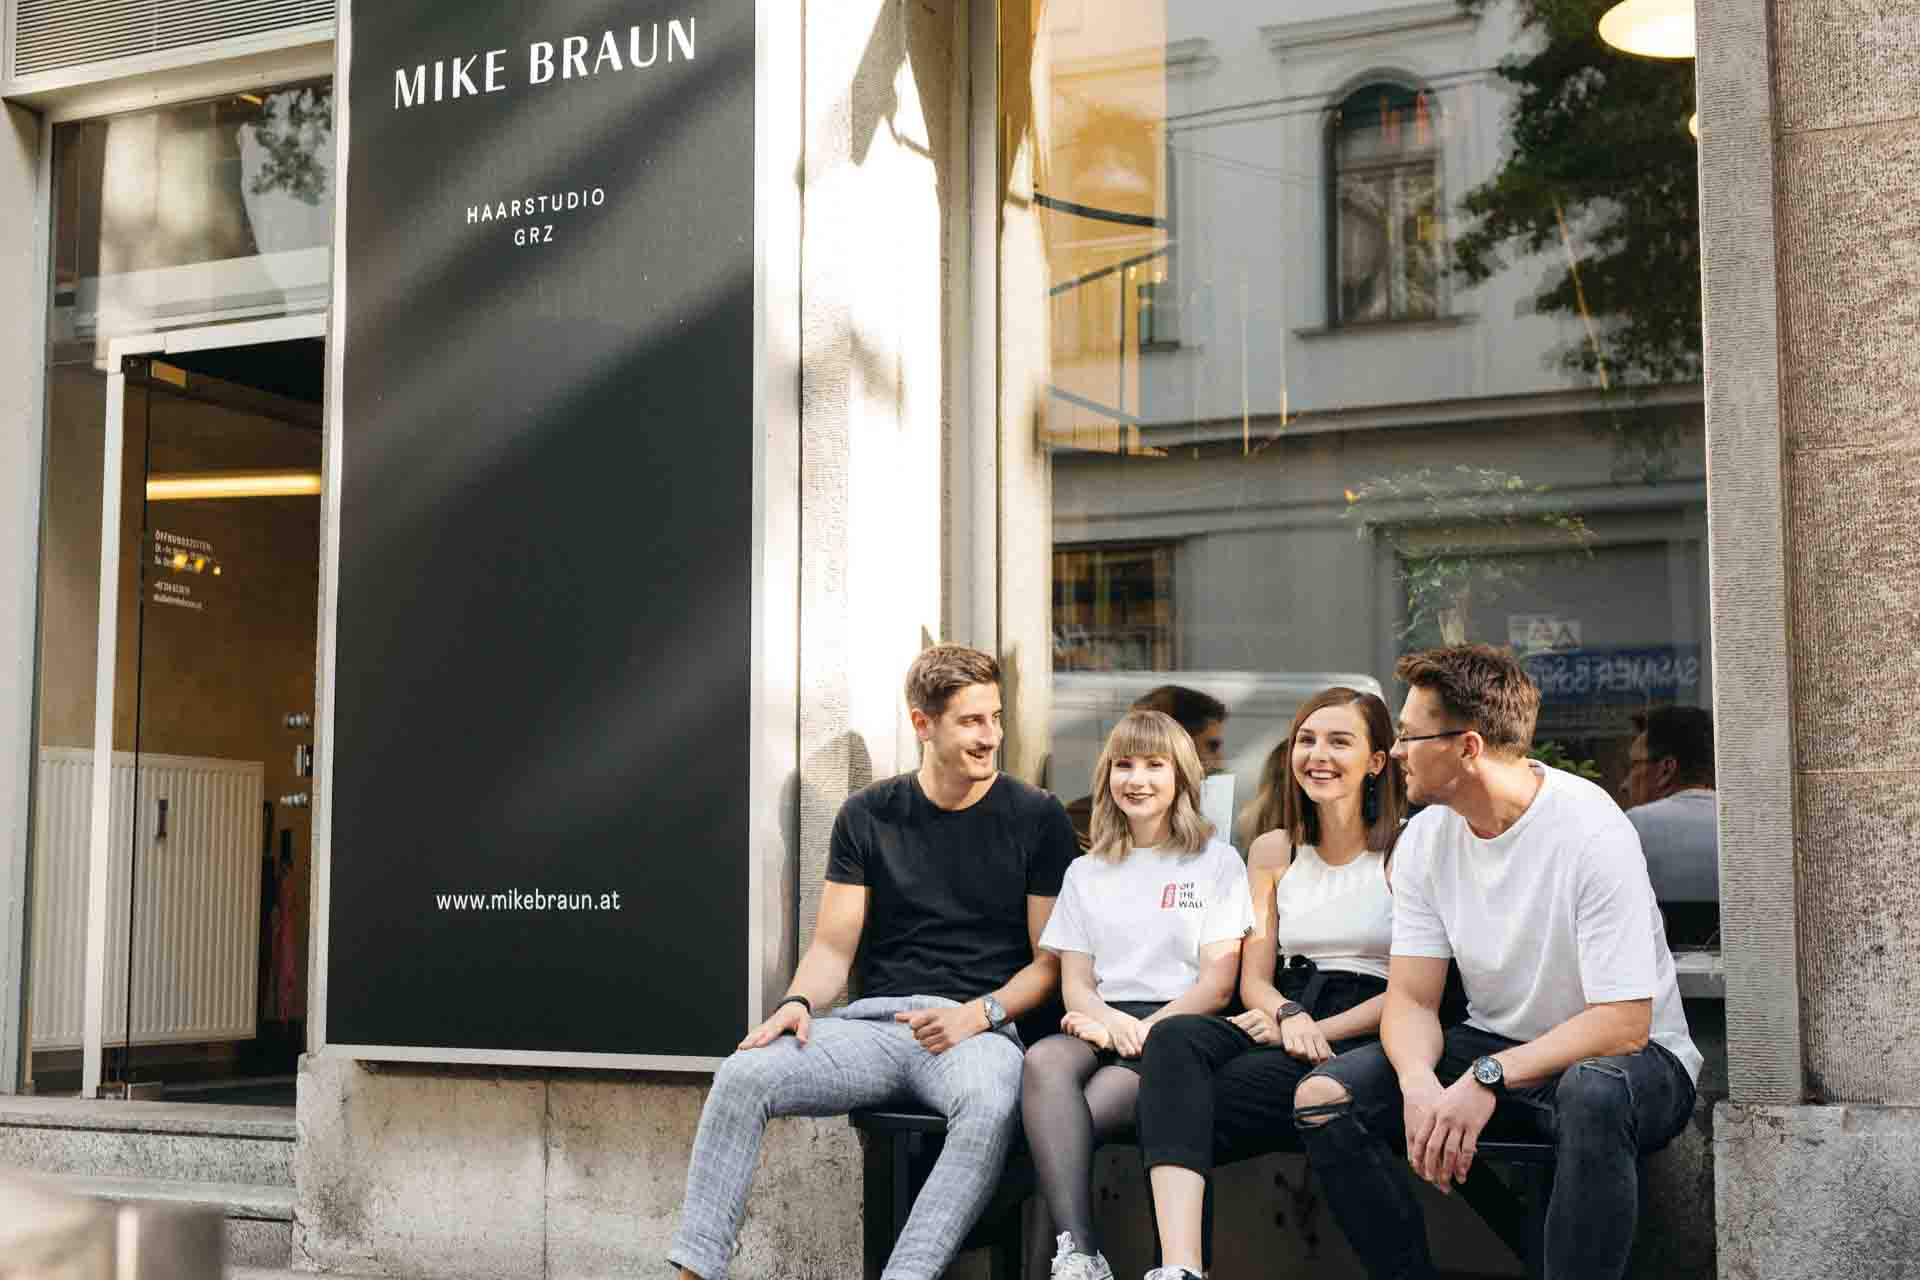 Mike_Braun_Haarstudio_Graz-9